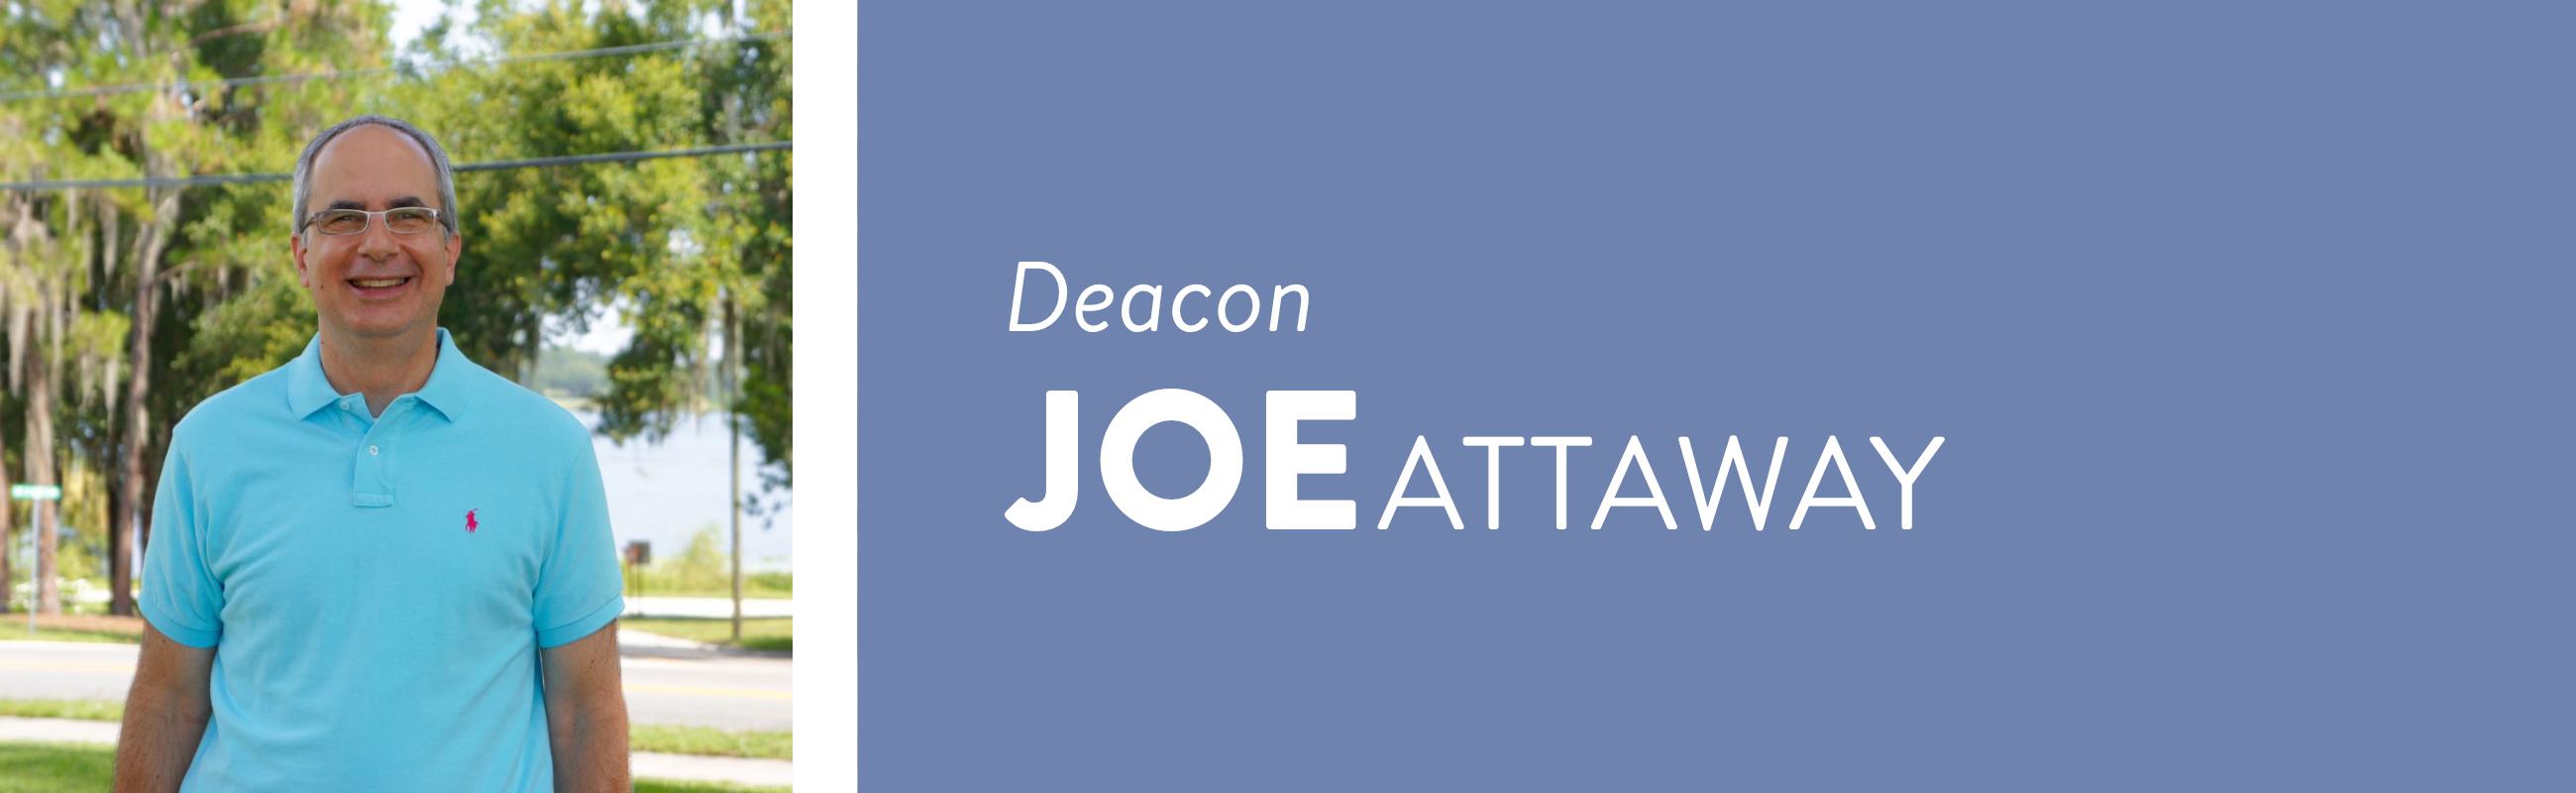 rcc deacon 1